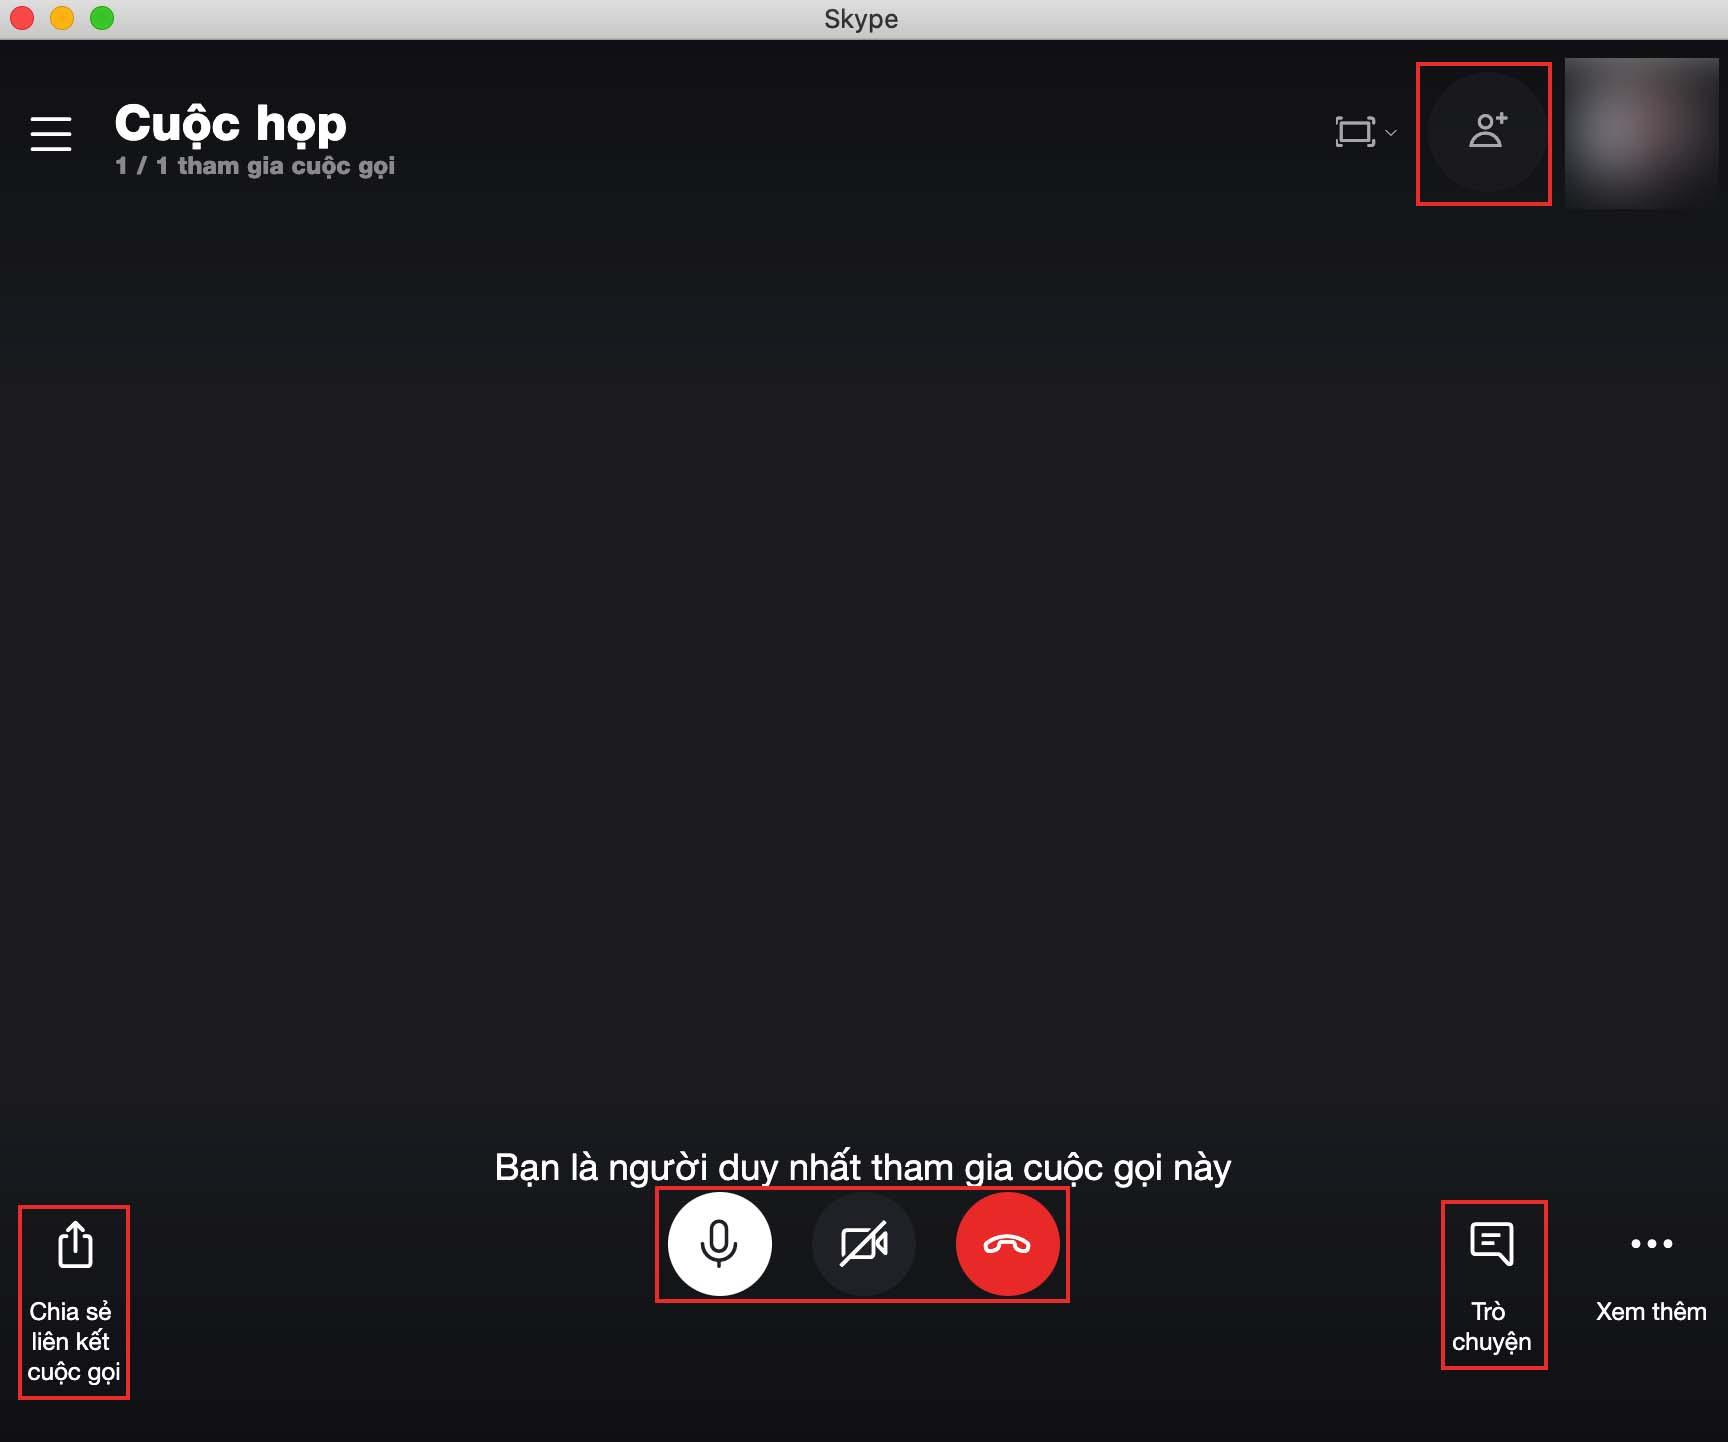 Hướng dẫn chi tiết cách sử dụng Skype để dạy học online - 8